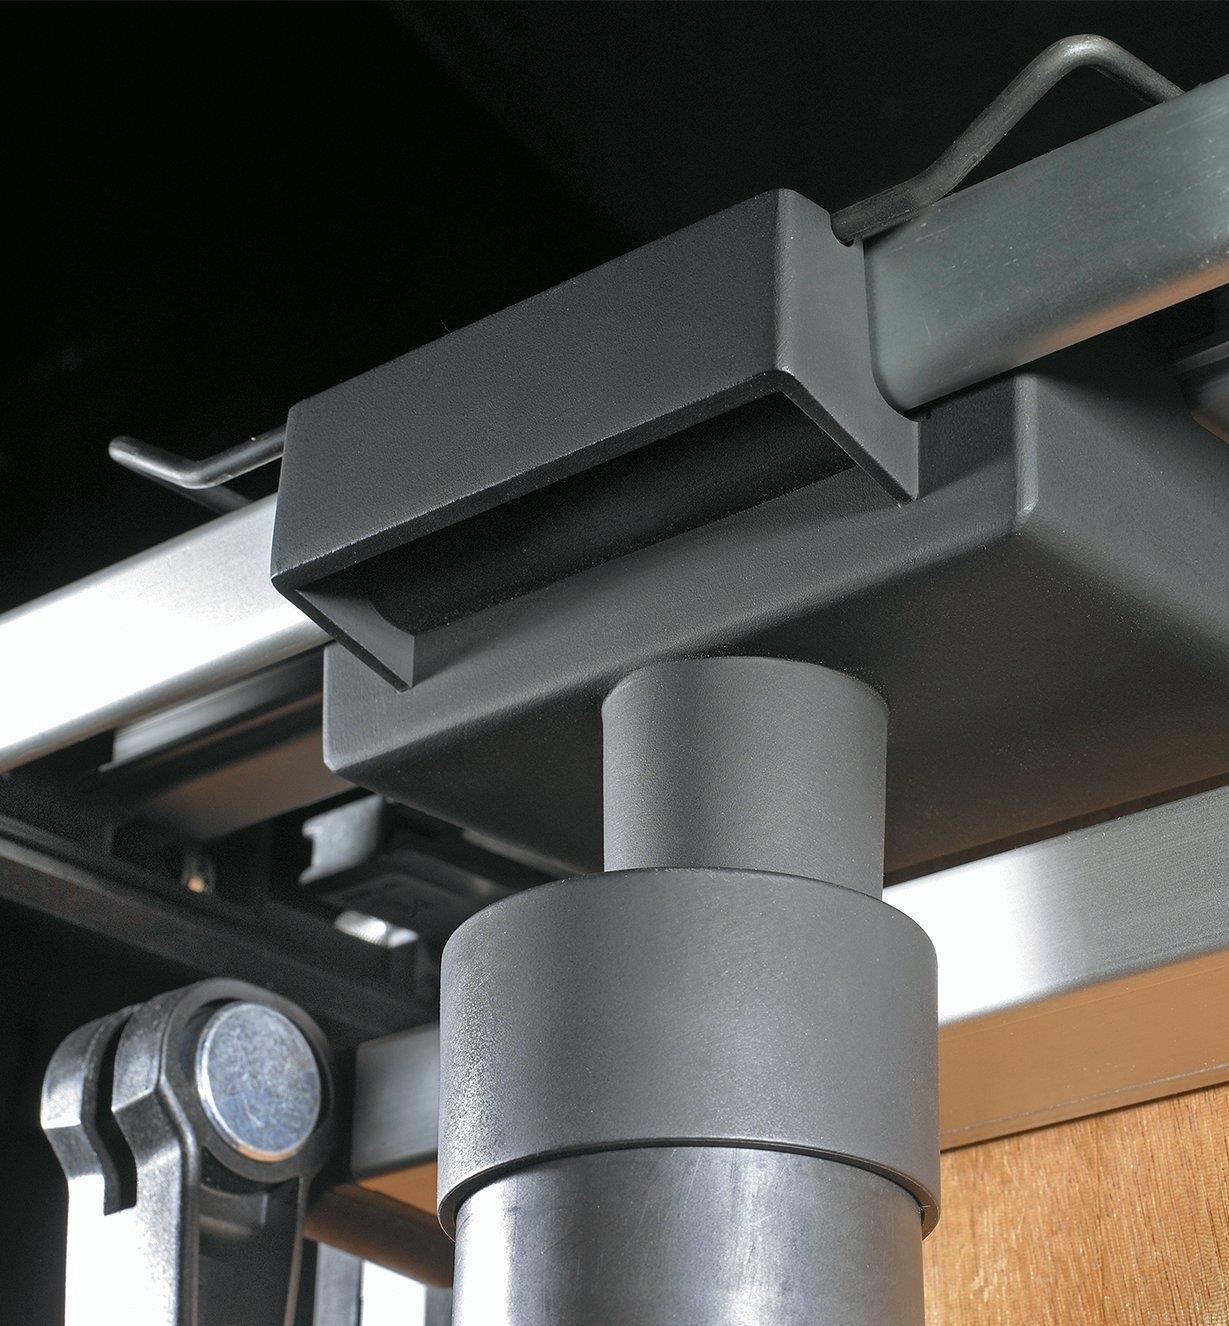 17N1240 - Support d'aspiration et de toupillage VRS pourgabarit Super12 Leigh